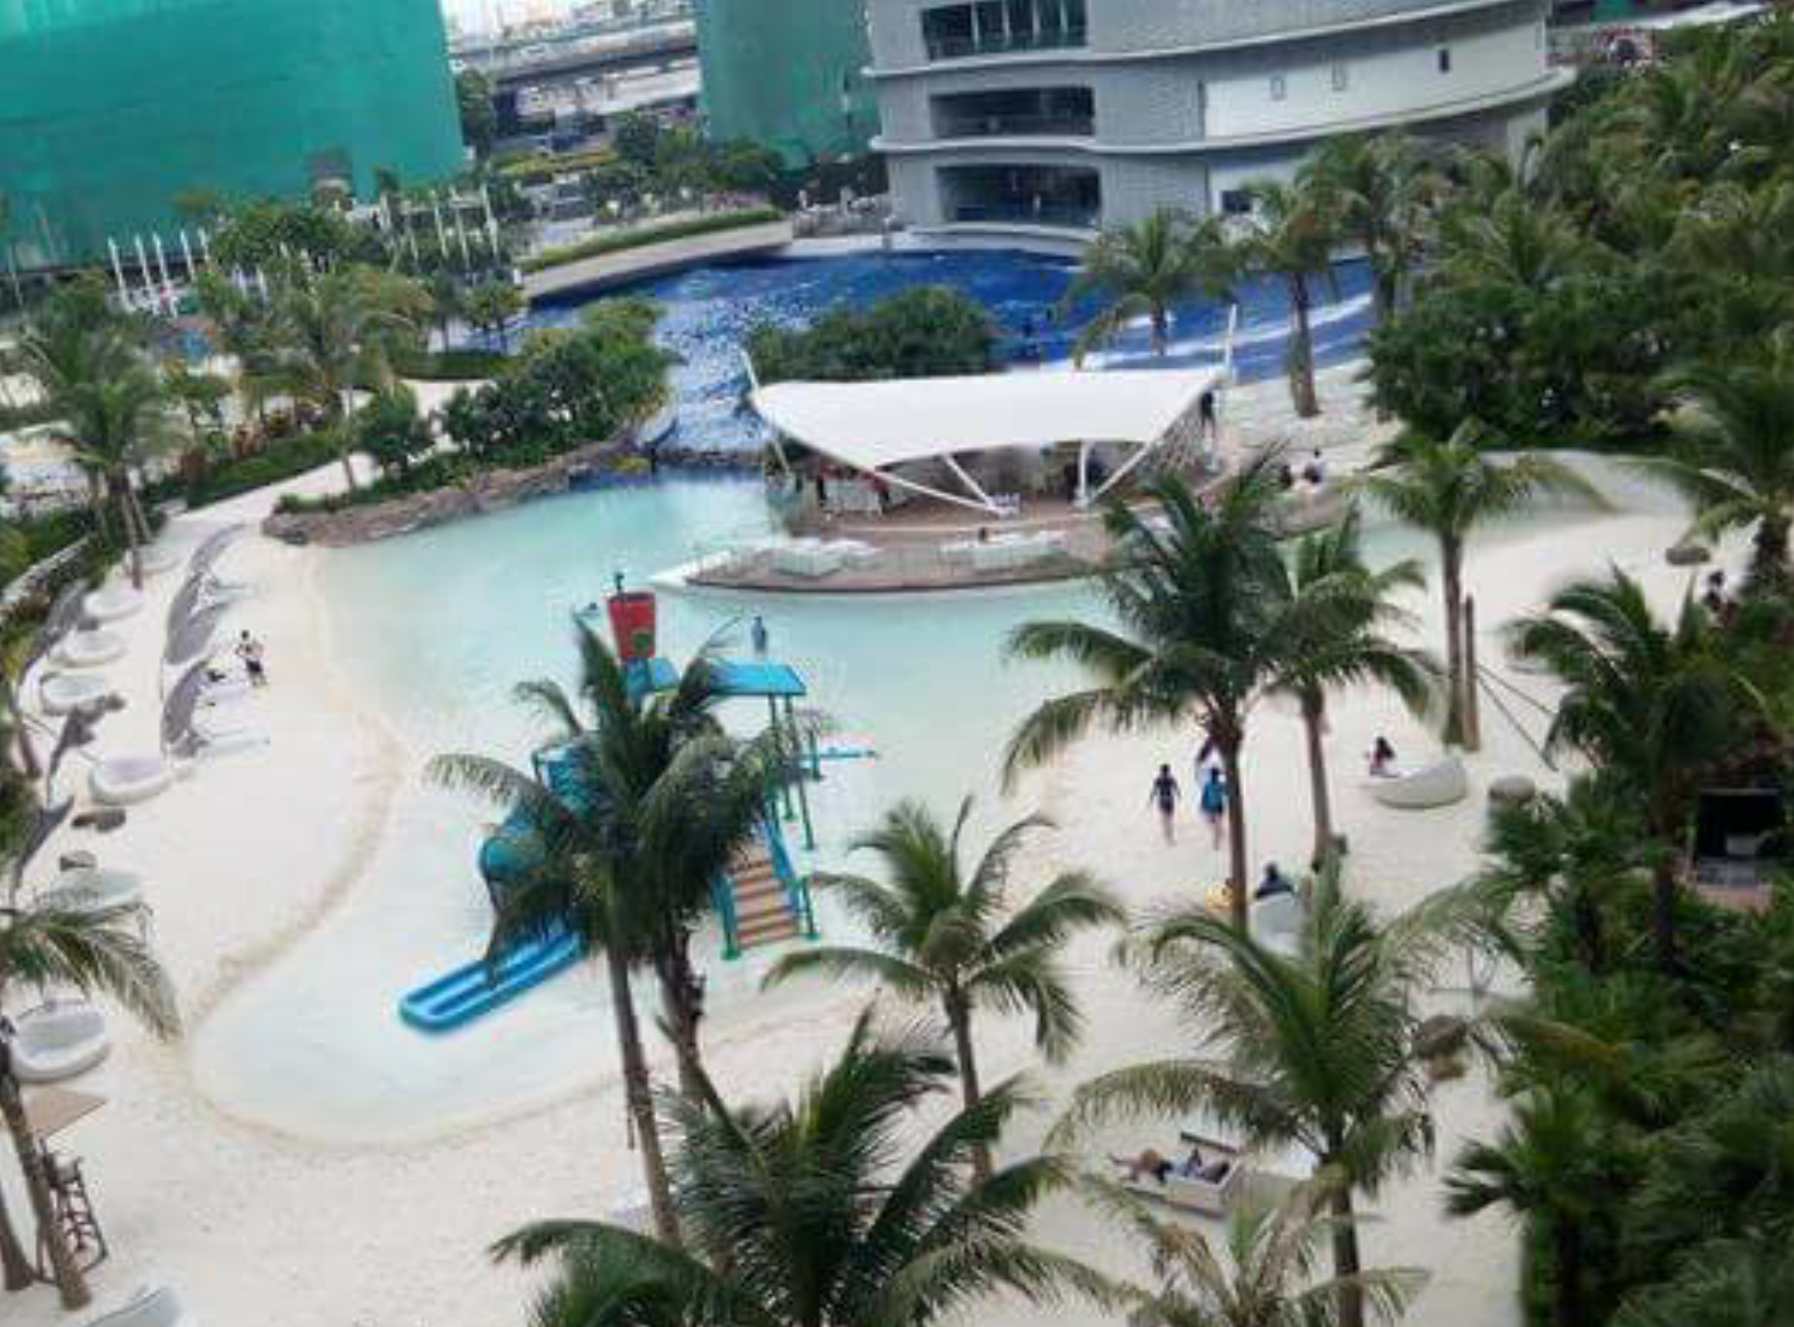 Condo Apartment In Azure Urban Resort